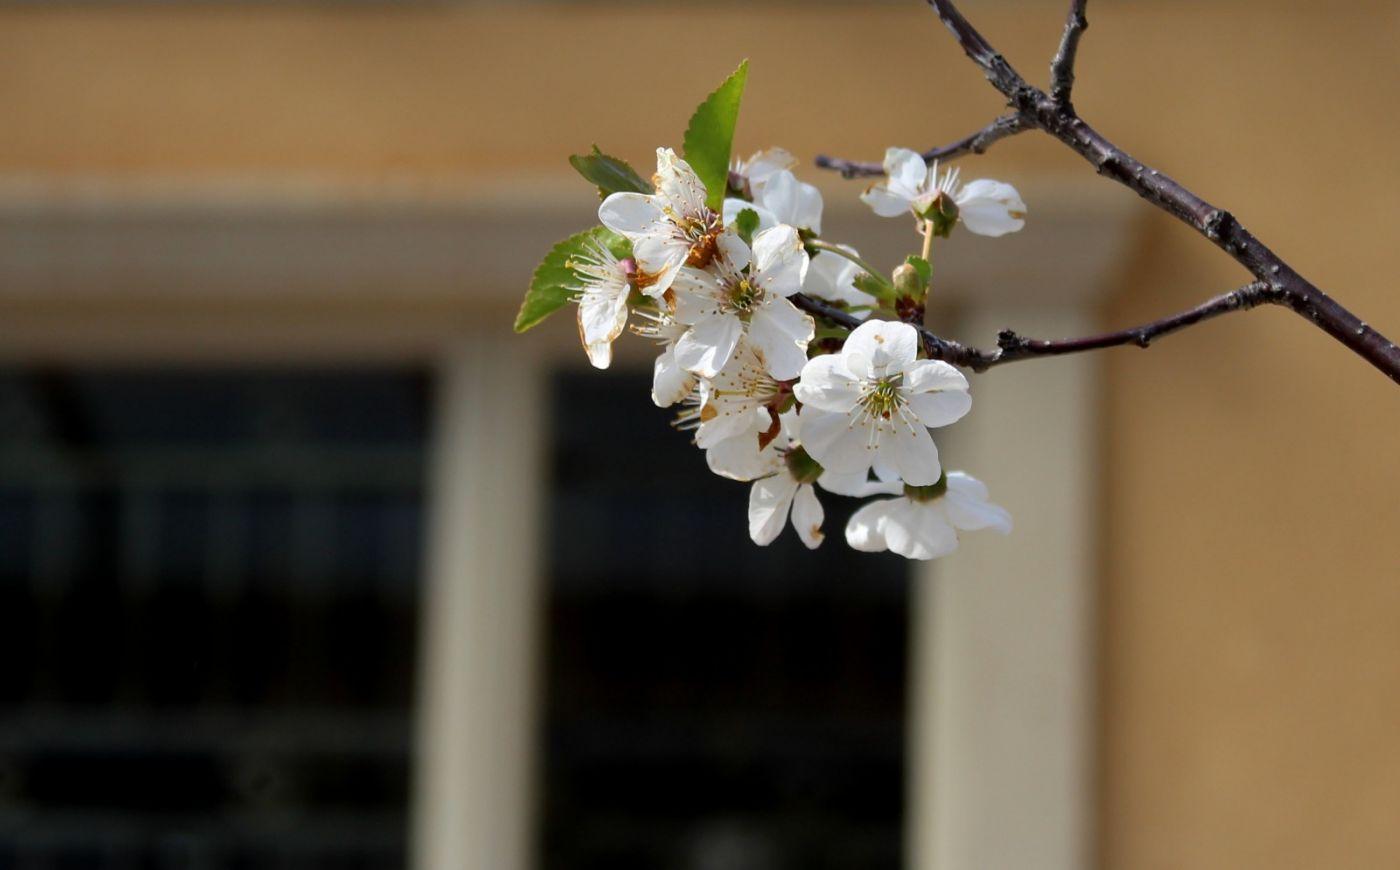 欧洲樱桃花开_图1-16